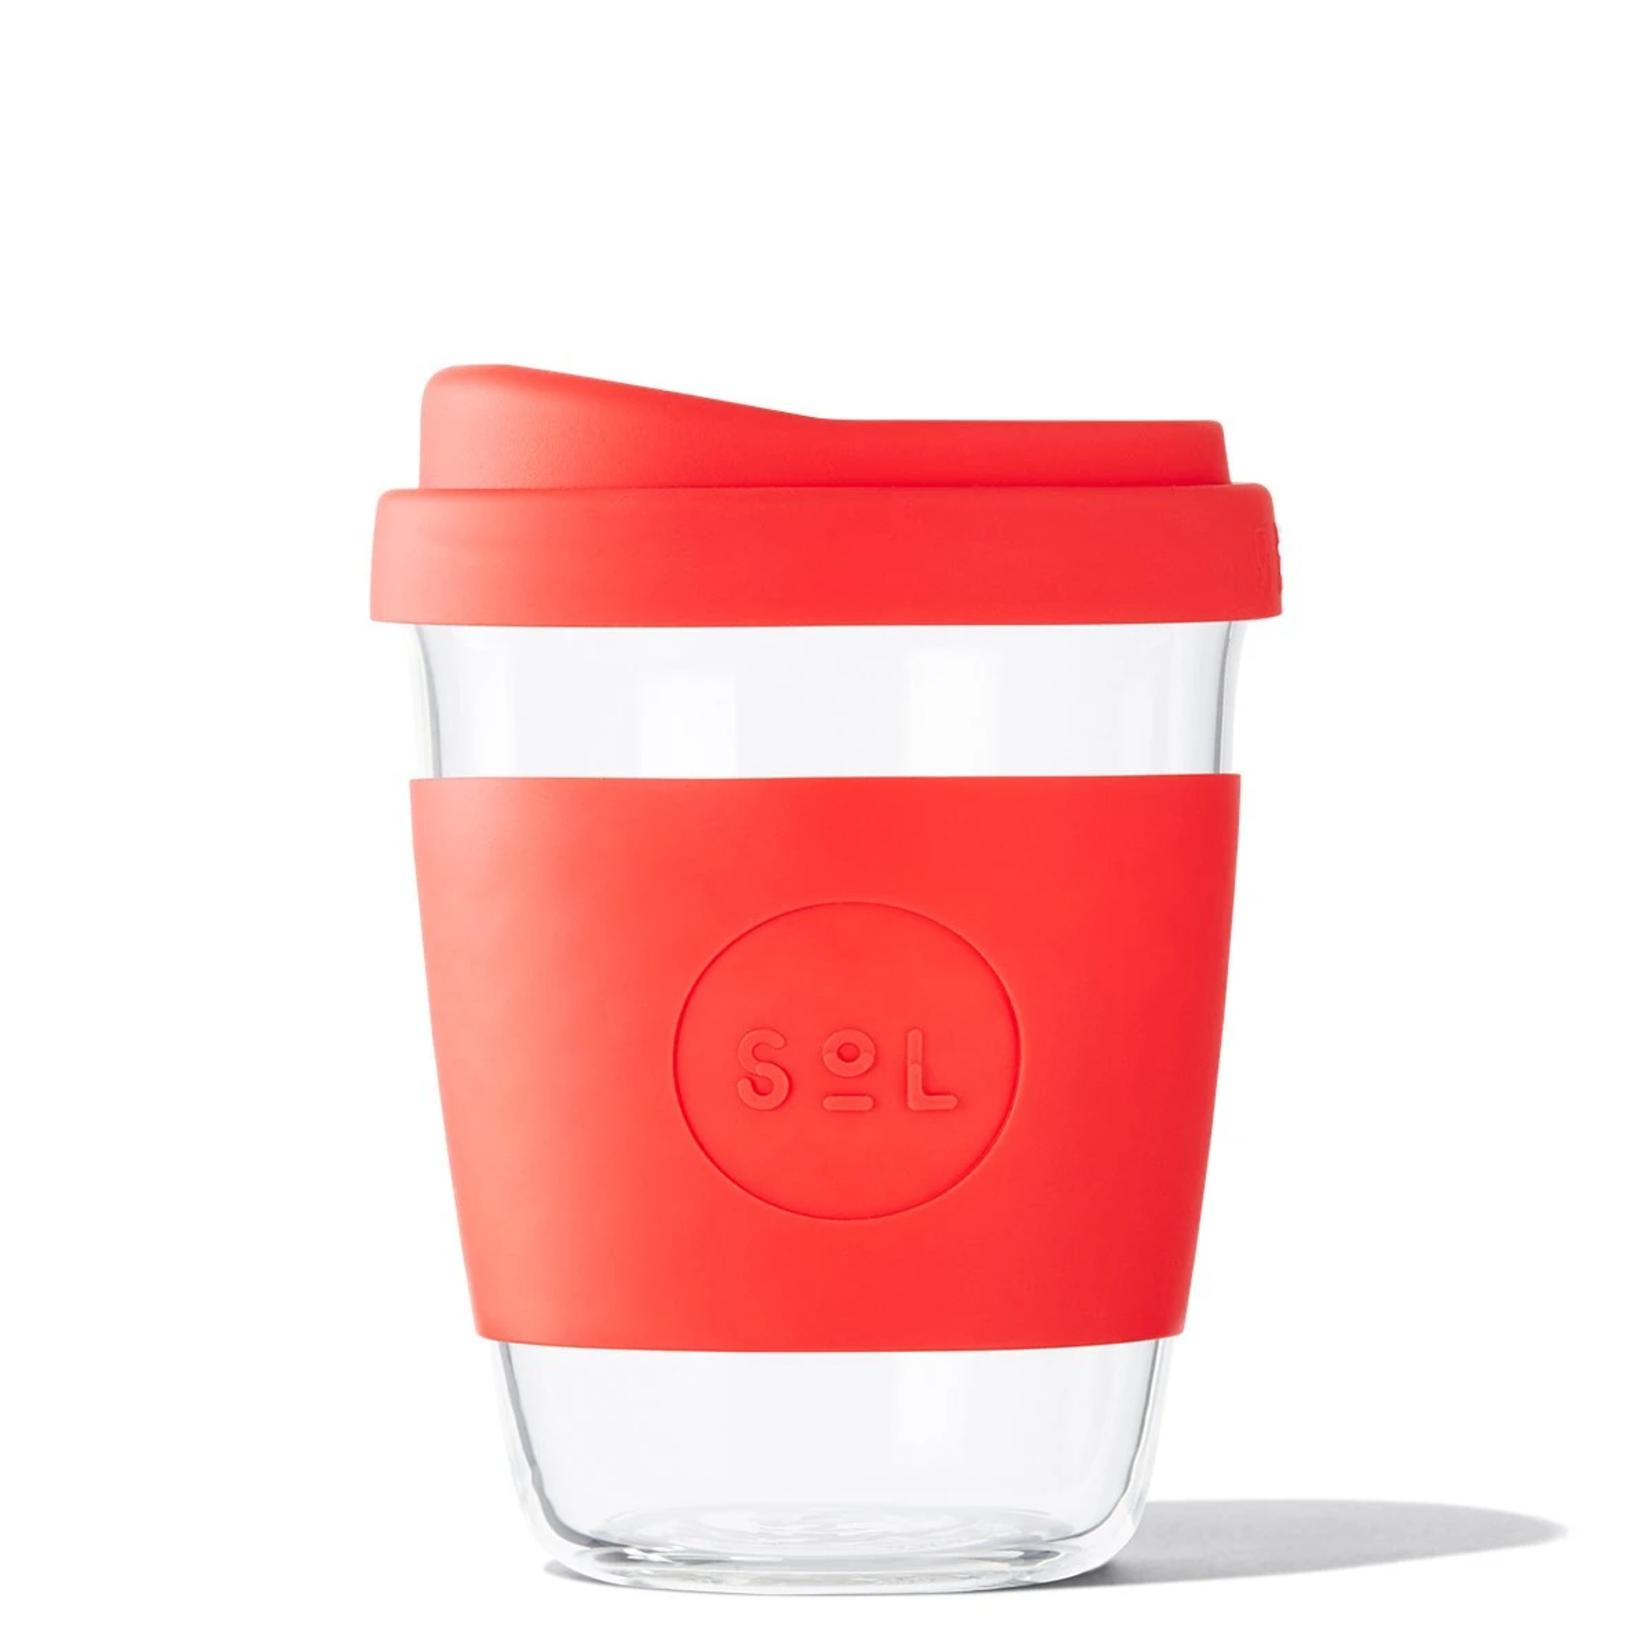 SOL Sol Reusable Glass Cup 12OZ